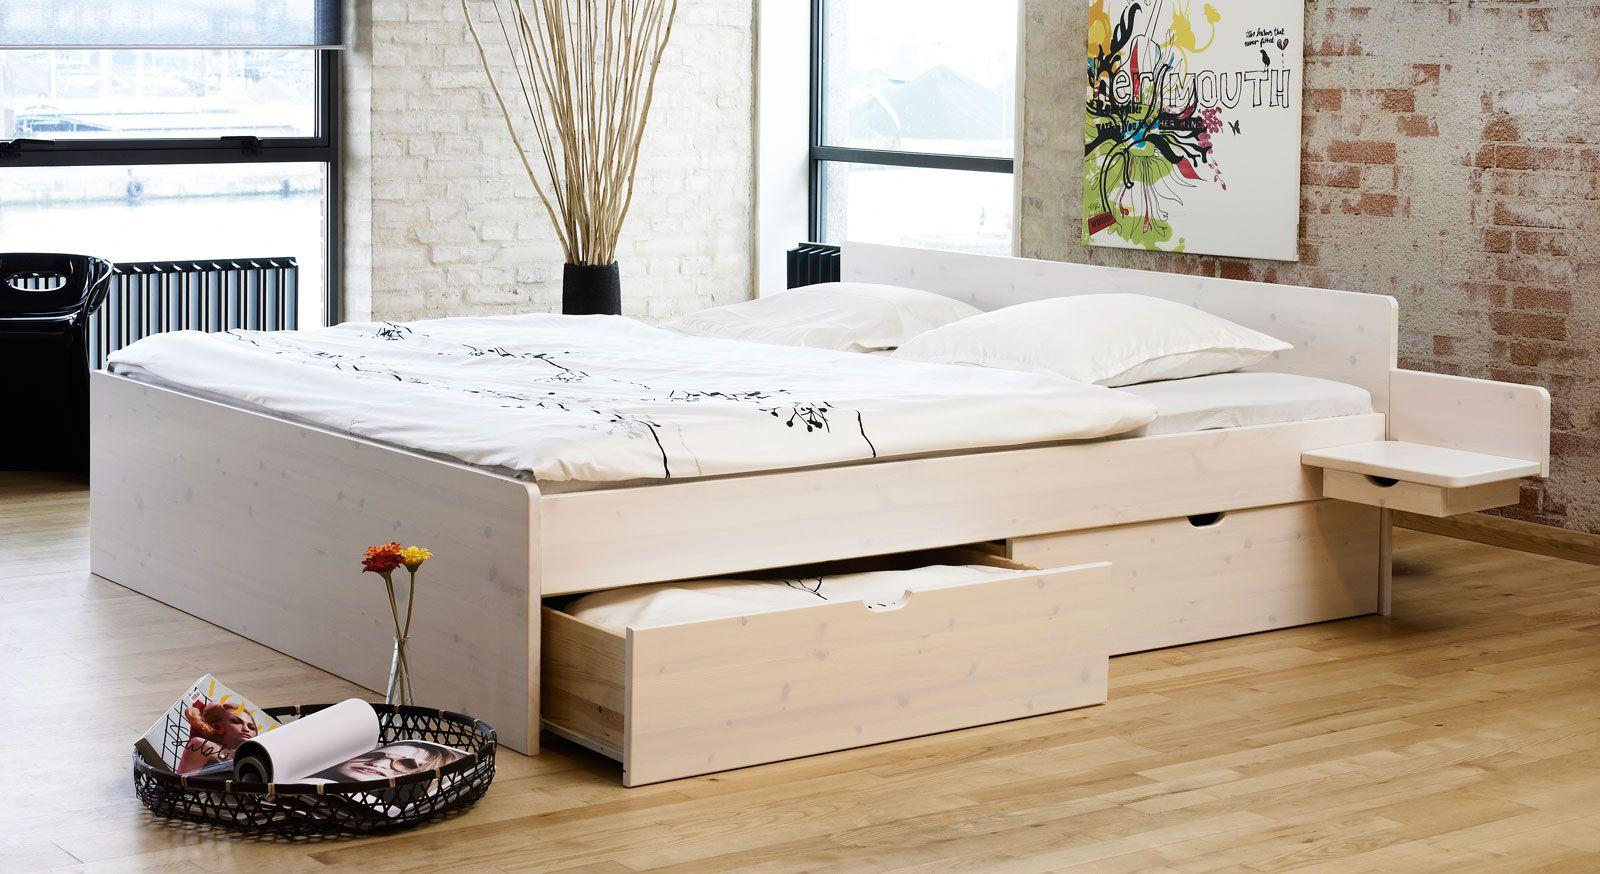 metallbett 200x200 bett x ikea bett x komplett ikea bett. Black Bedroom Furniture Sets. Home Design Ideas